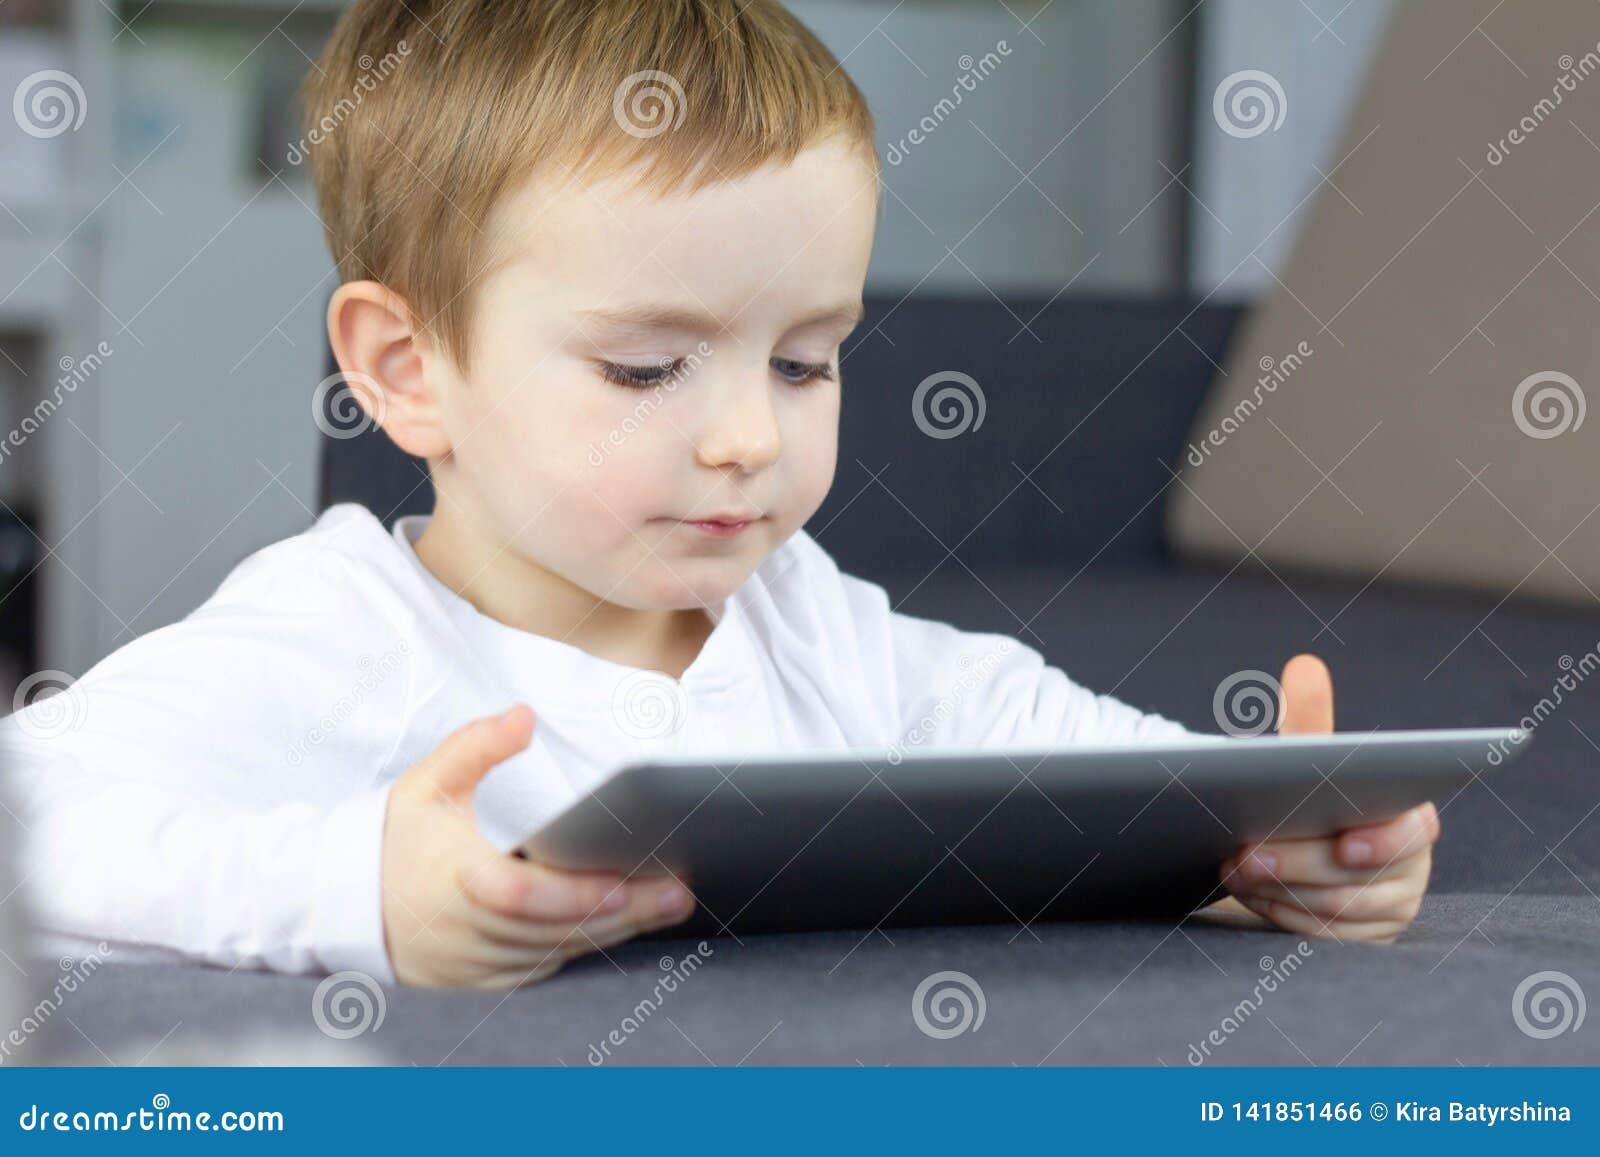 Μικρό παιδί που χρησιμοποιεί την ταμπλέτα οθονών επαφής στο σπίτι Ευτυχή έξυπνα σεμινάρια προσοχής παιδιών ή παίζοντας παιχνίδι σ